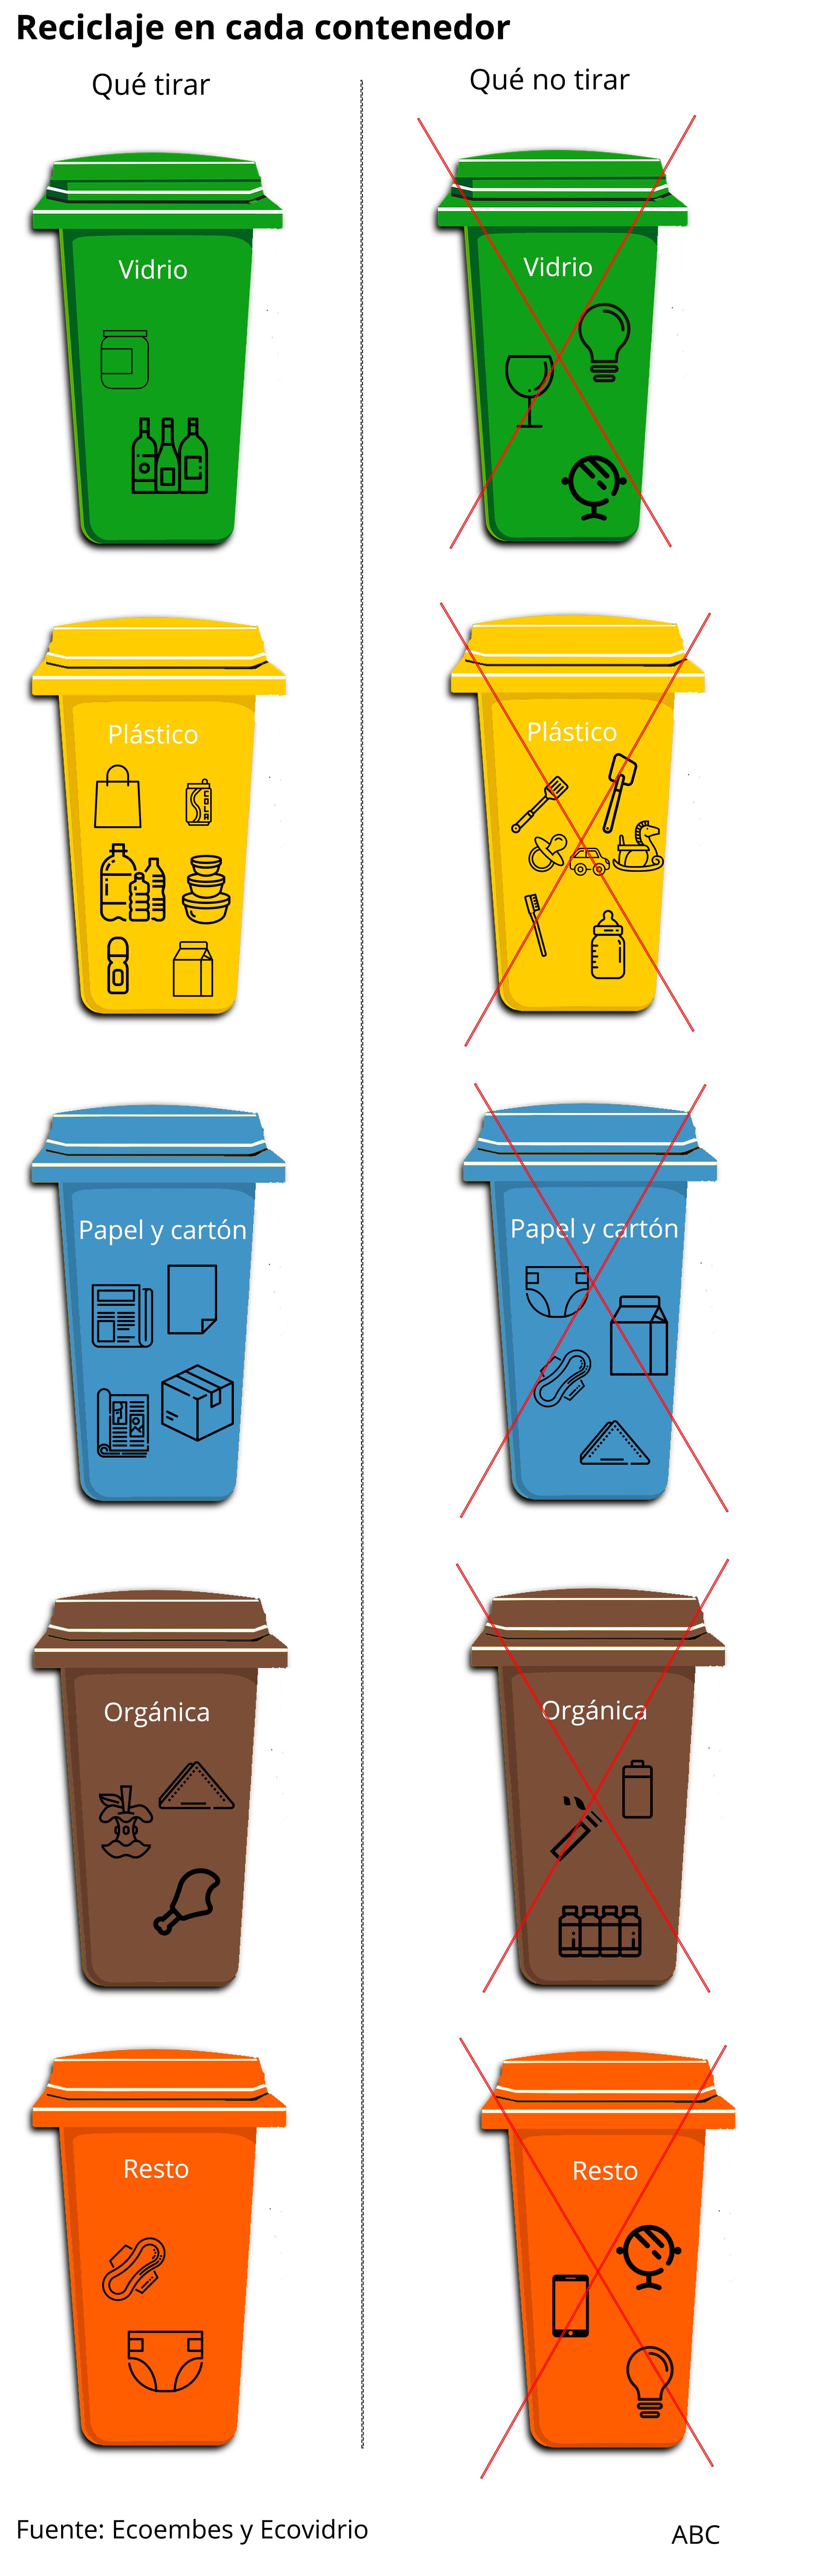 Esto Es Lo Que Debes Tirar A Cada Contenedor De Reciclaje